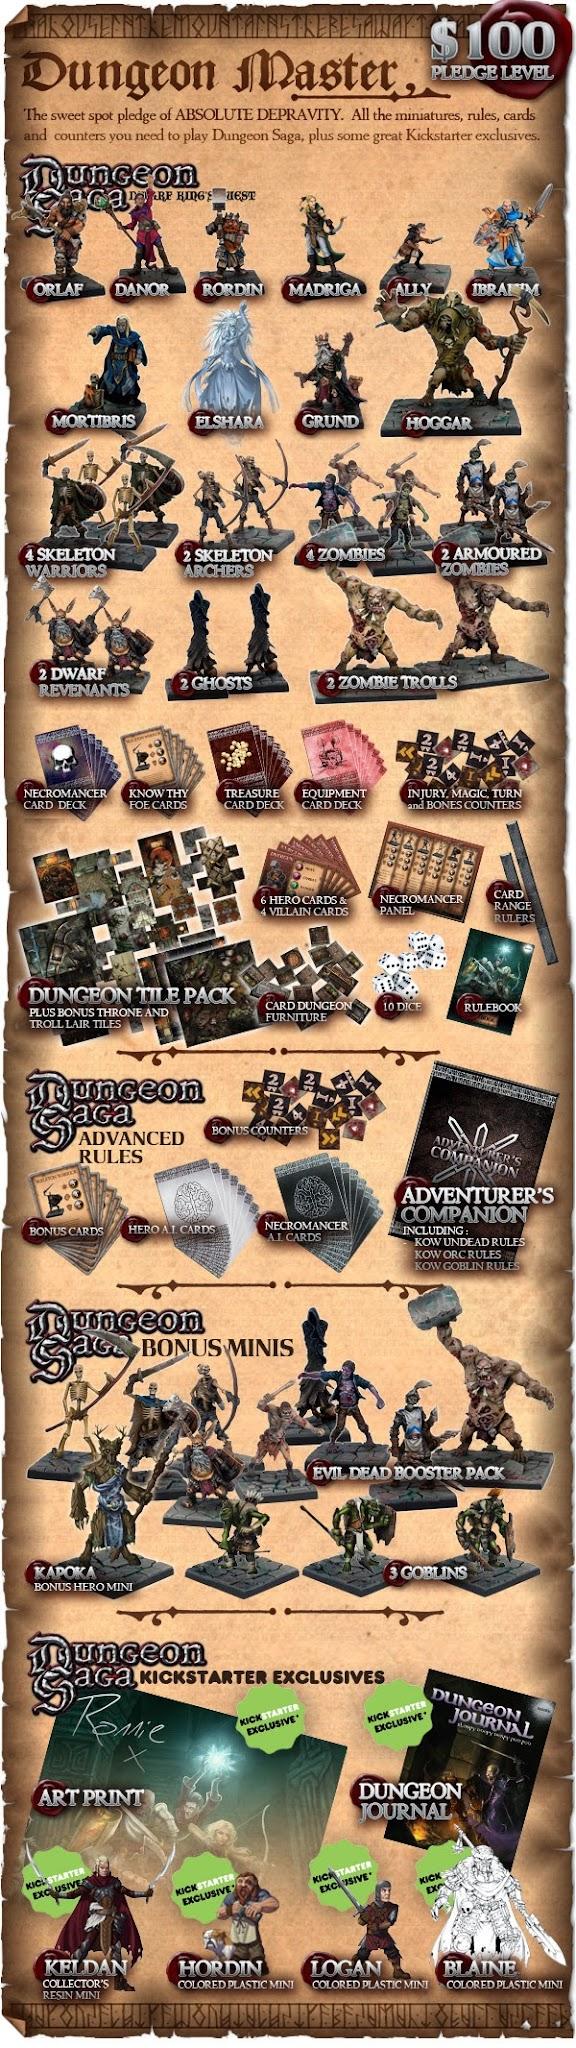 Dungeon Saga, Dwarf King Hols, Heroquest, Mantic Games, Crying Grumpies